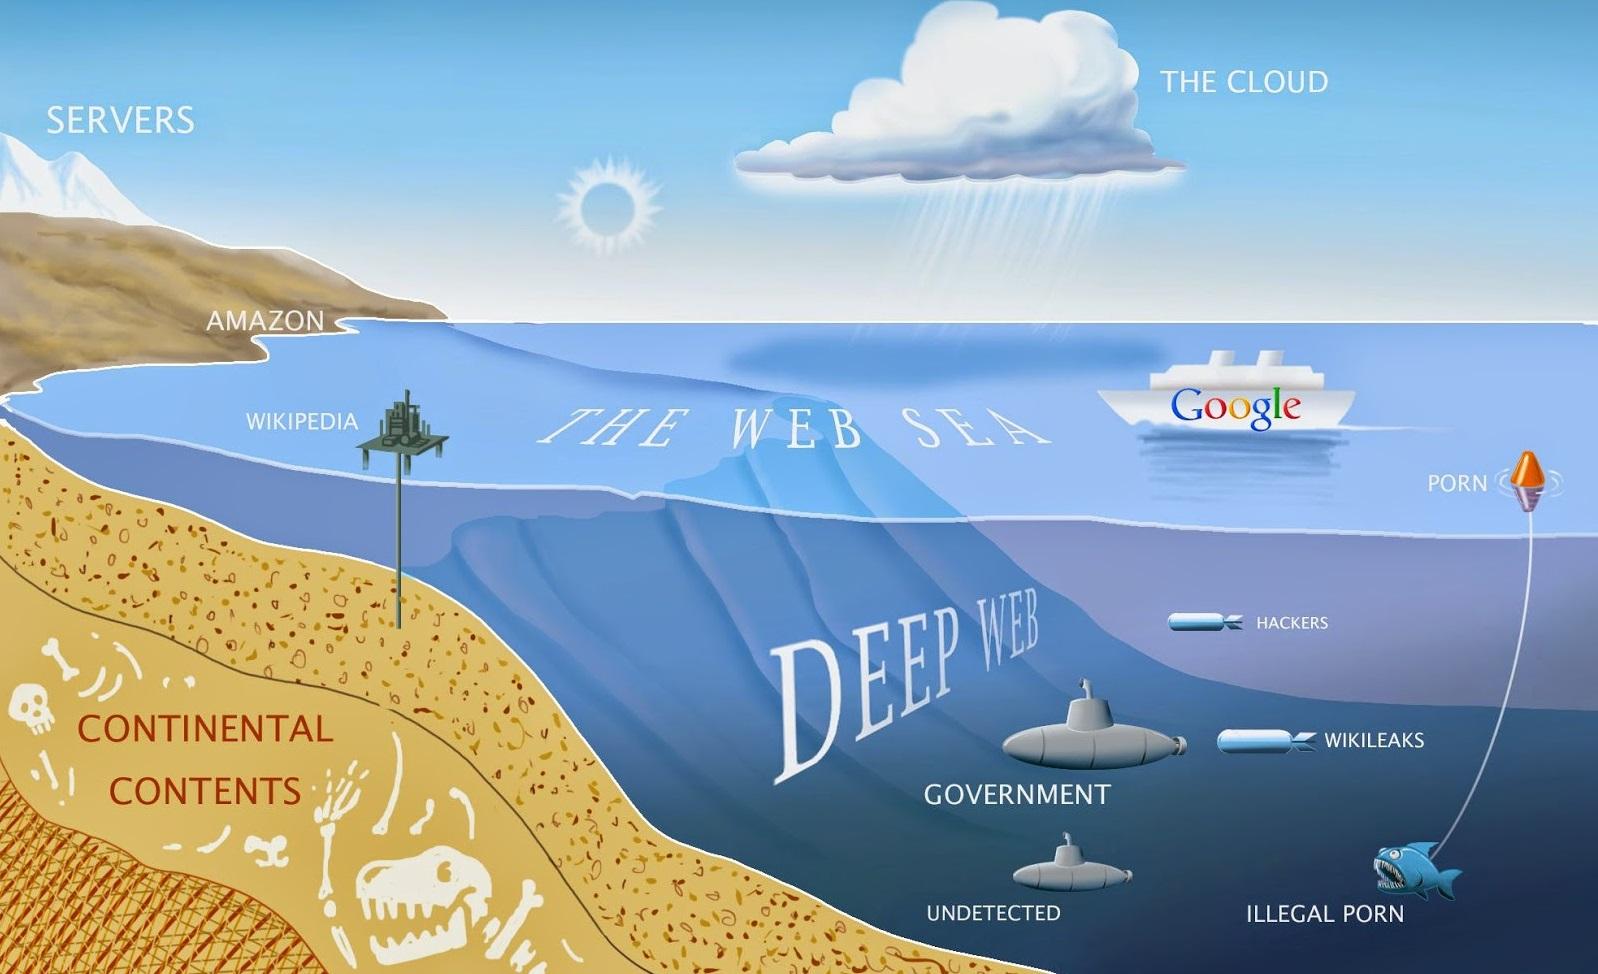 تعرف على أنواع الانترنت والفرق بينها وكيفية الوصول إليها